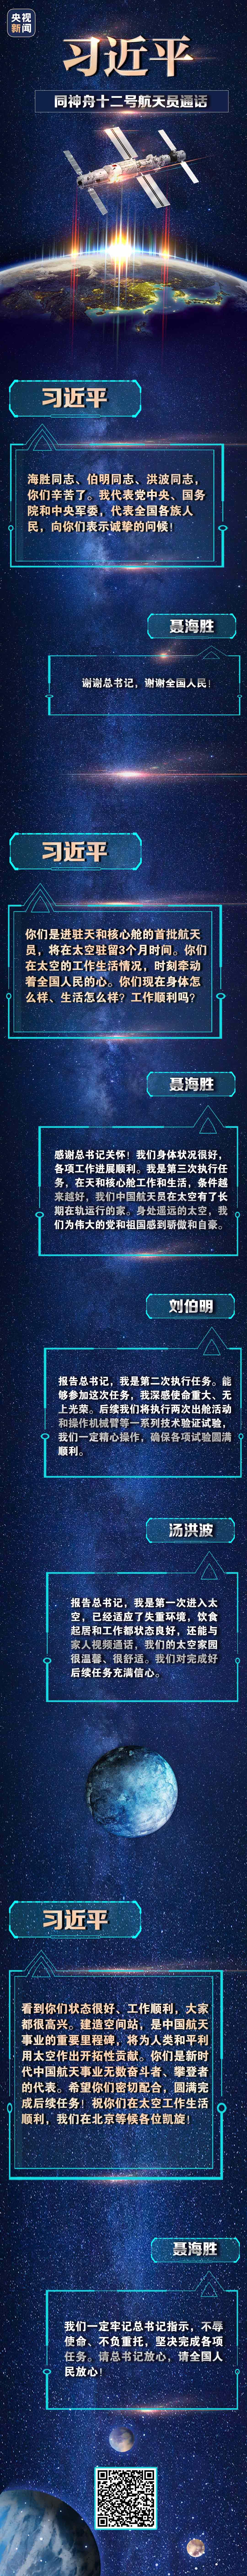 习近平同神舟十二号航天员通话2.jpg